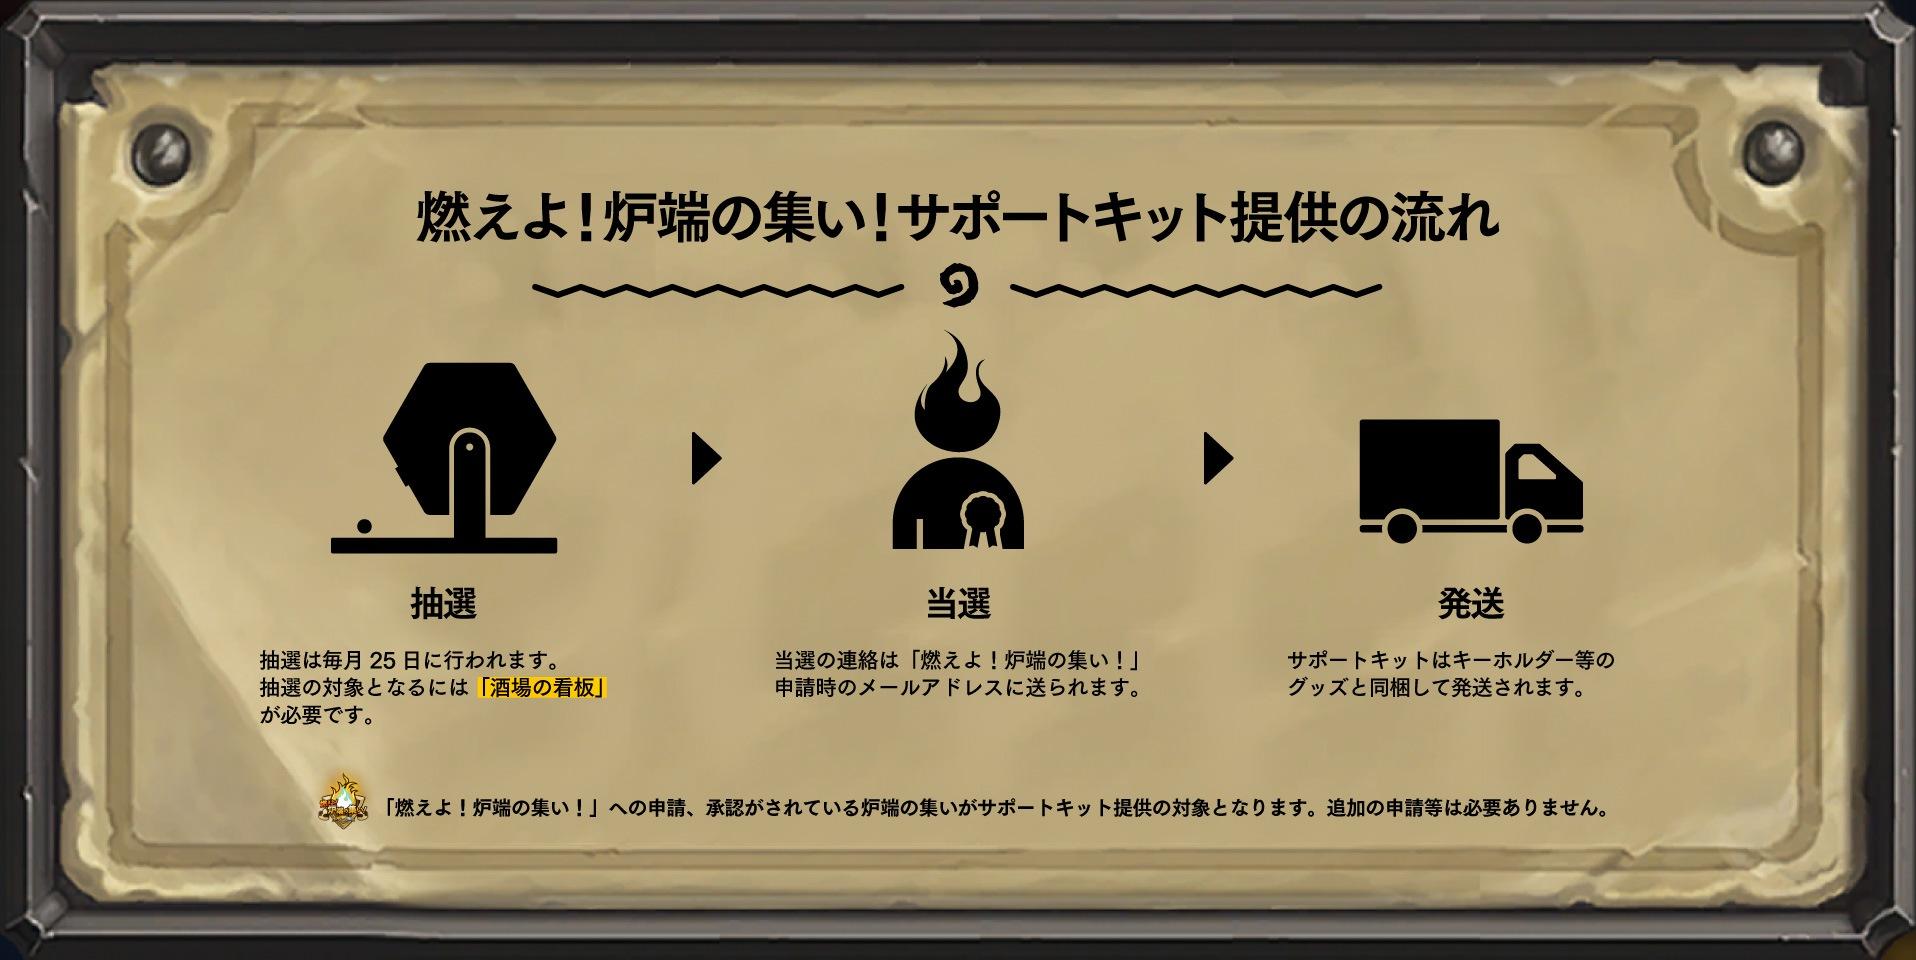 JUL_FSG_pict1.jpg